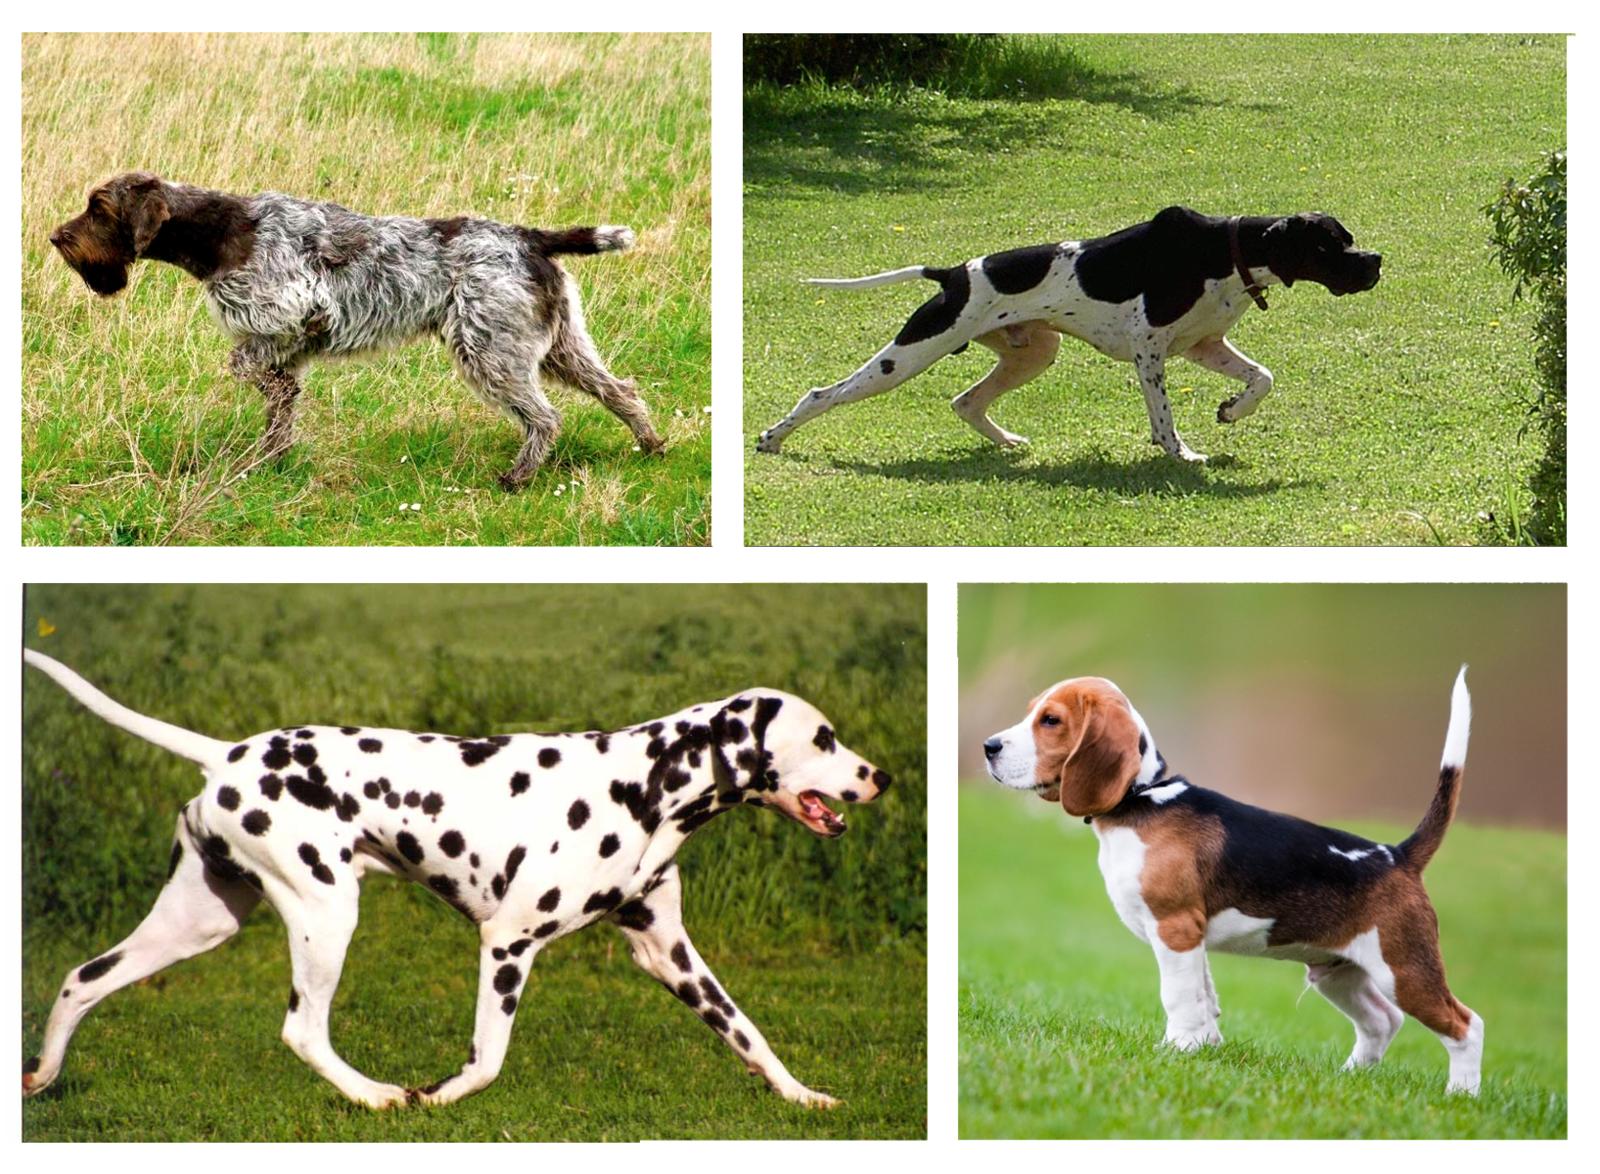 Posiciones de sospecha - comunicación canina